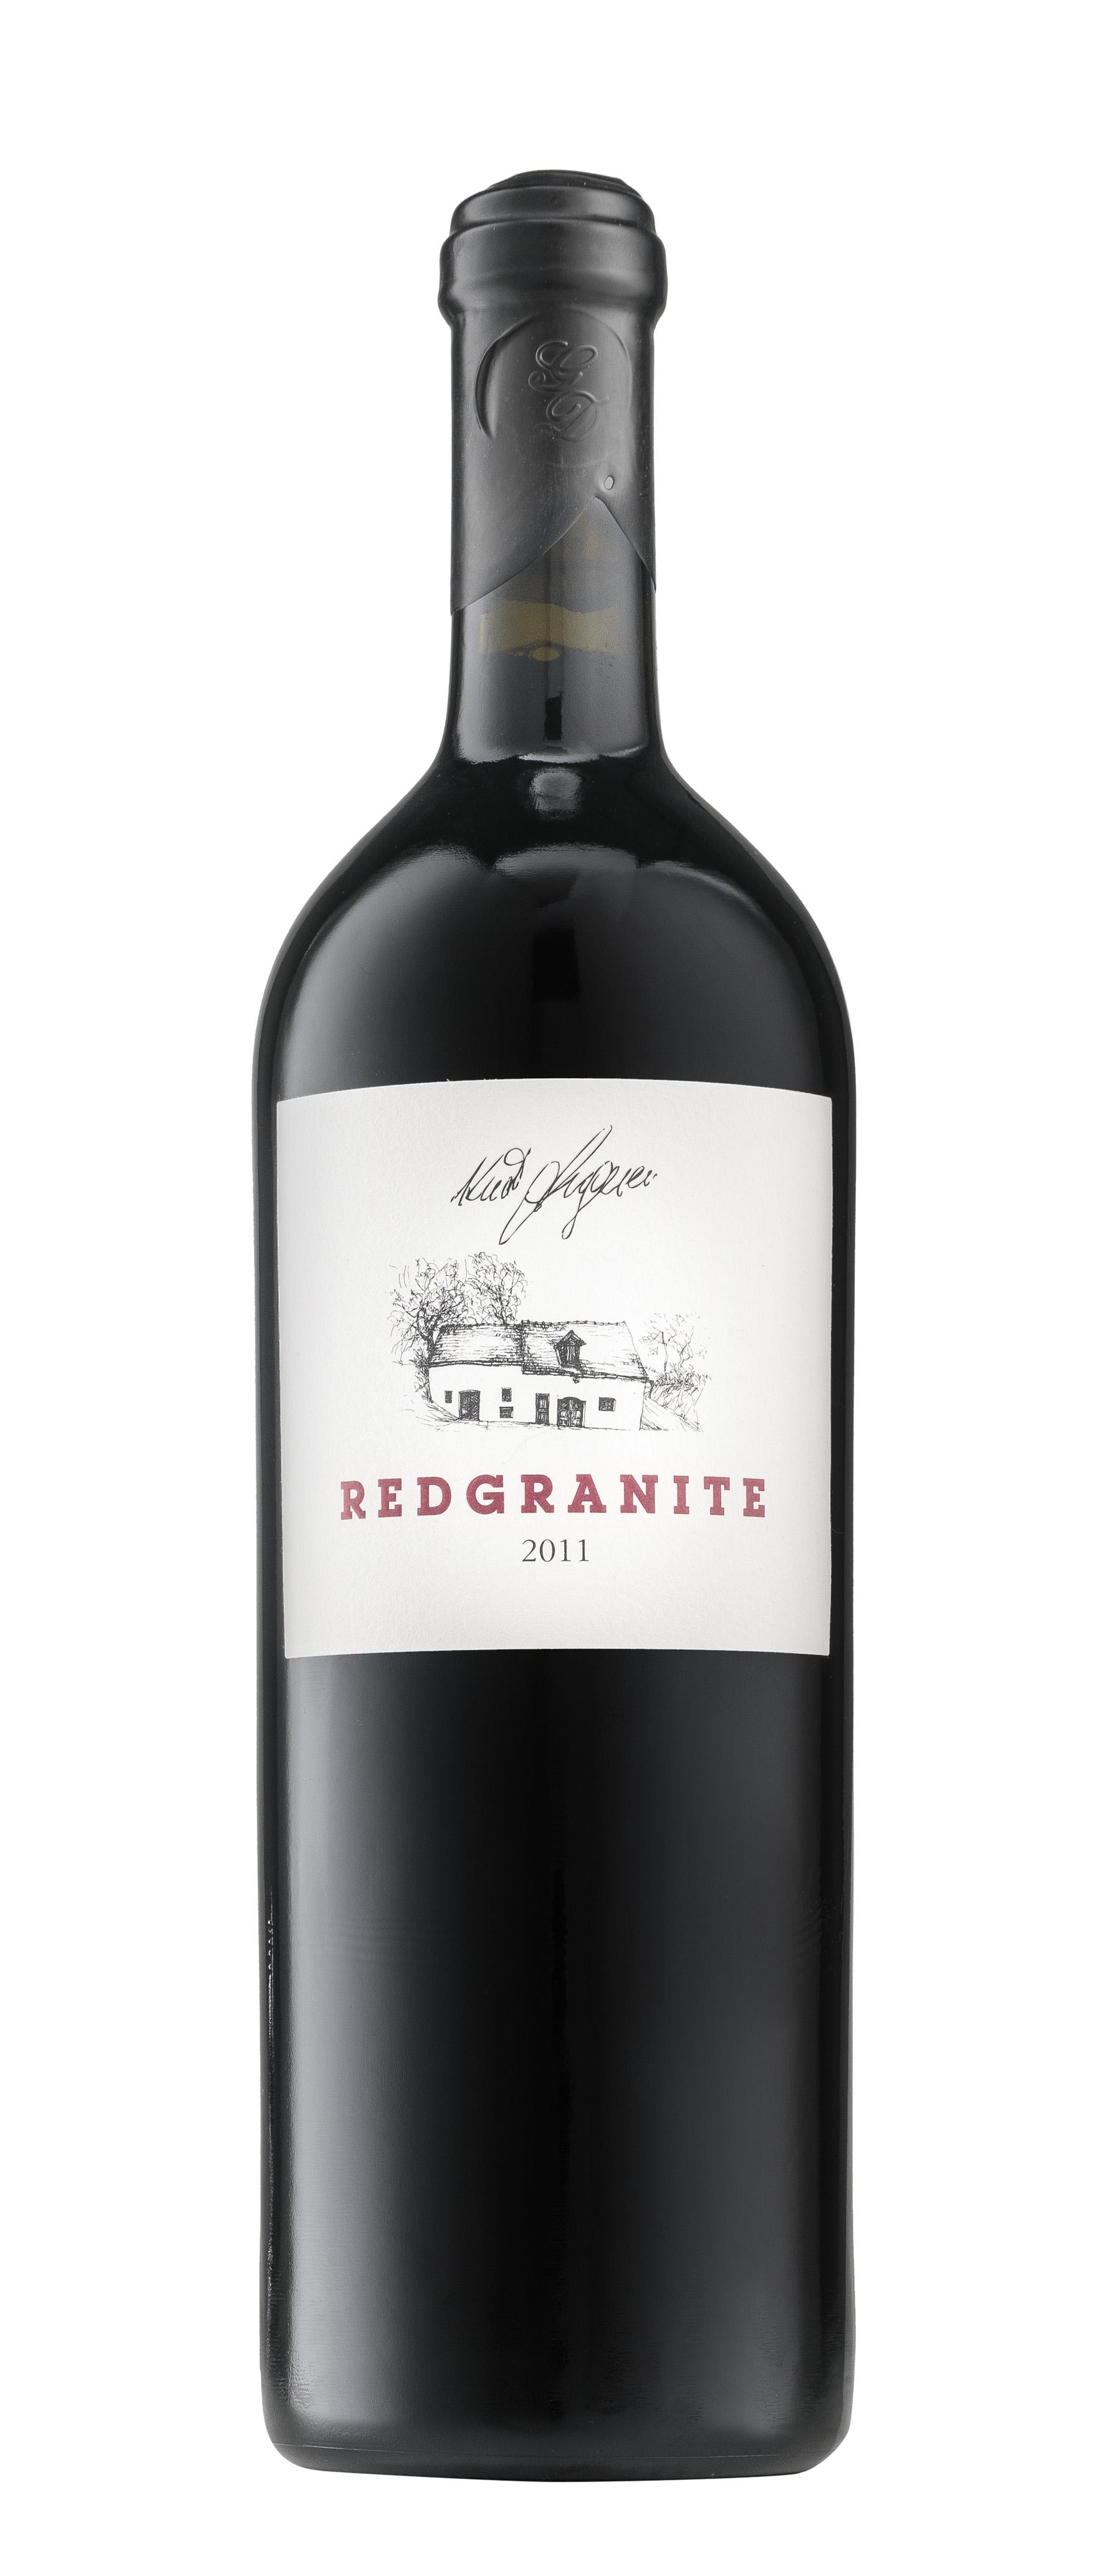 Redgranite 2011